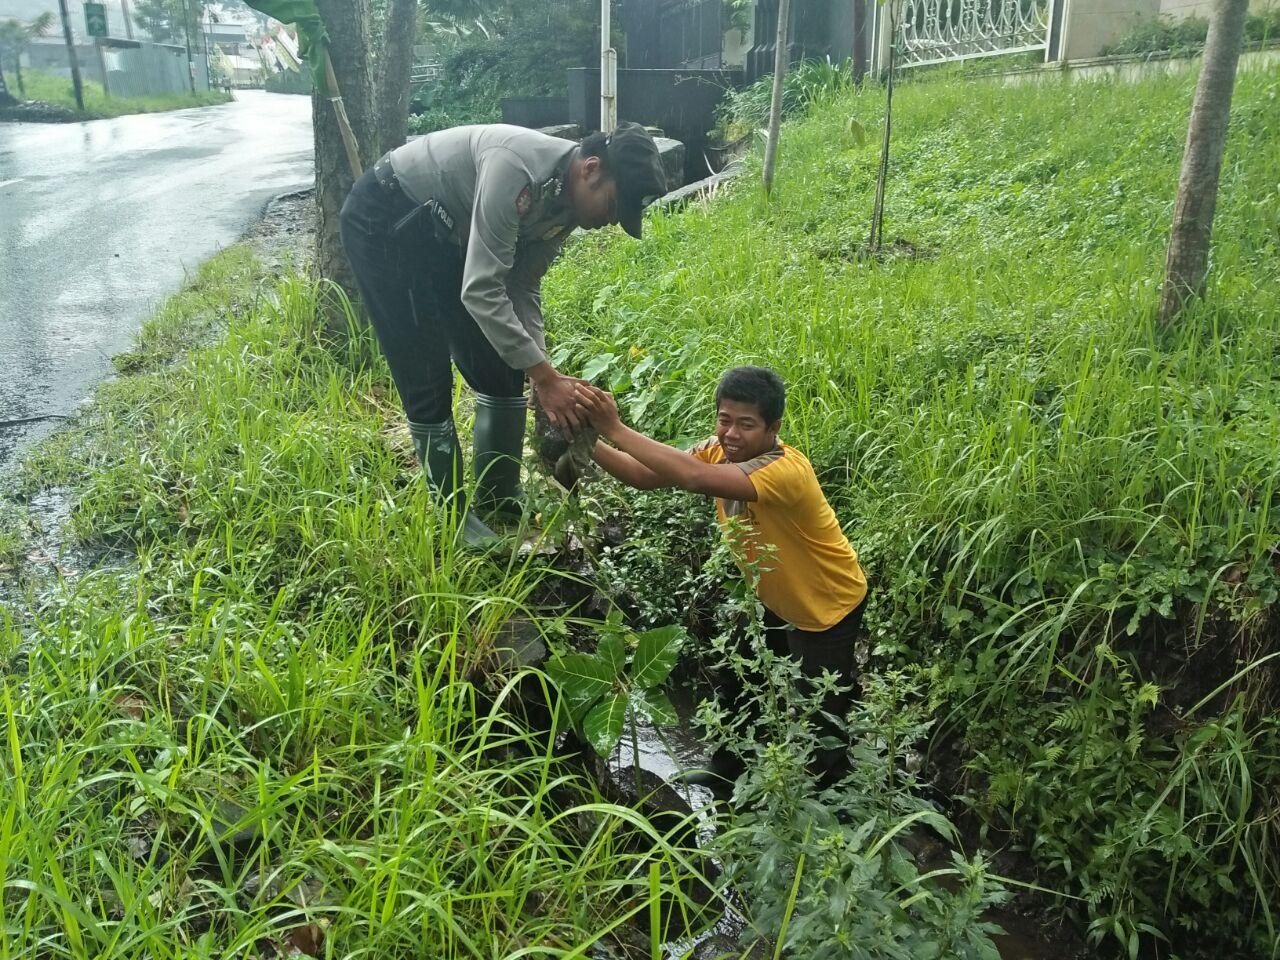 Sabhara Polsek Junrejo Adakan Patroli Antisipasi Pohon Tumbang Dan Banjir Di Wilayah Binaanya